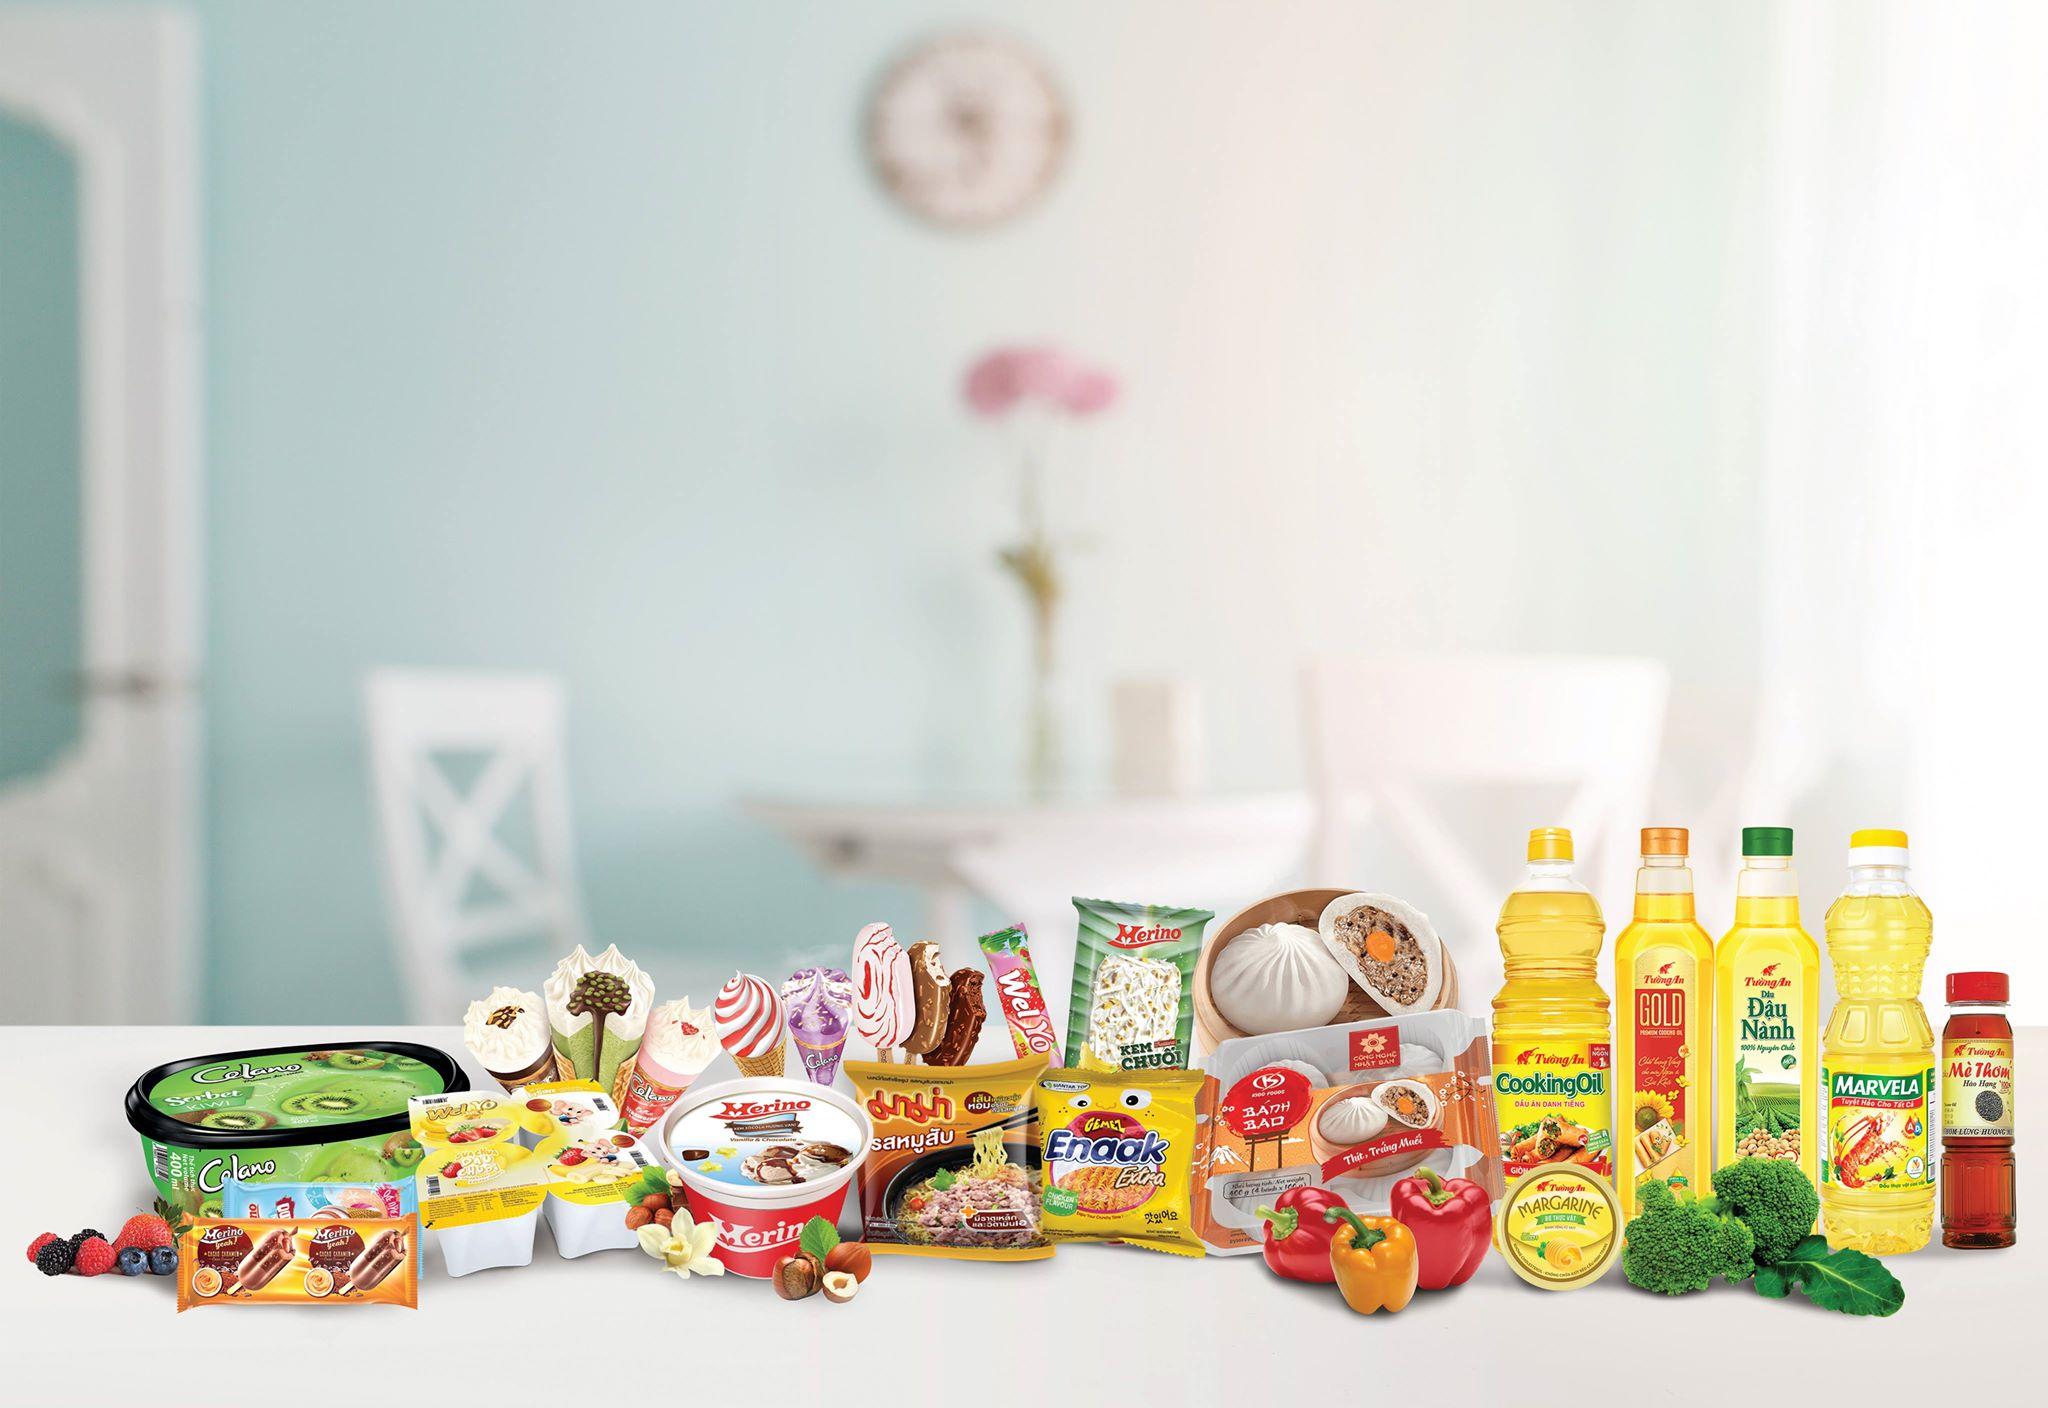 CEO KIDO: Sẽ xem xét quay lại mảng bánh kẹo